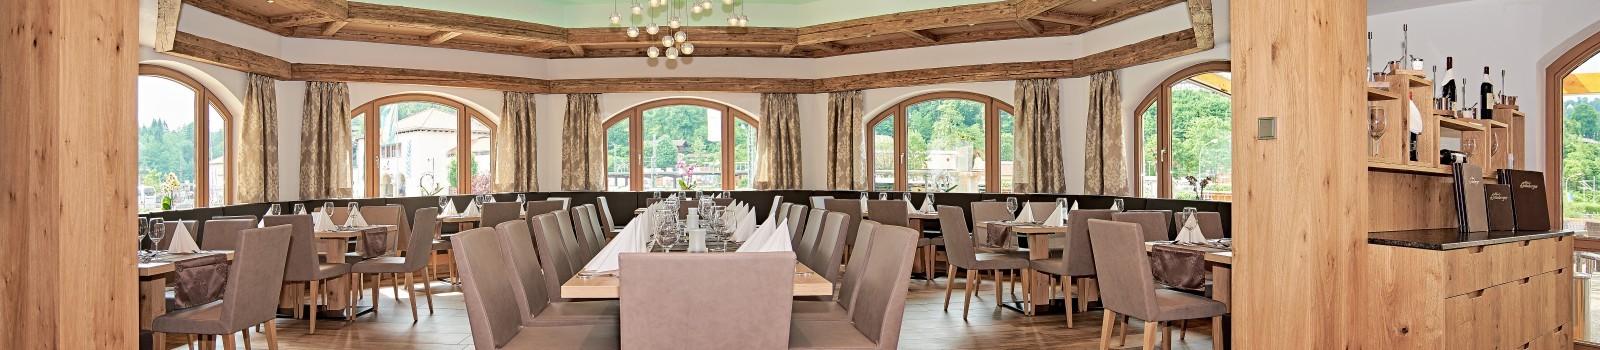 Restaurant im Hotel Grünberger